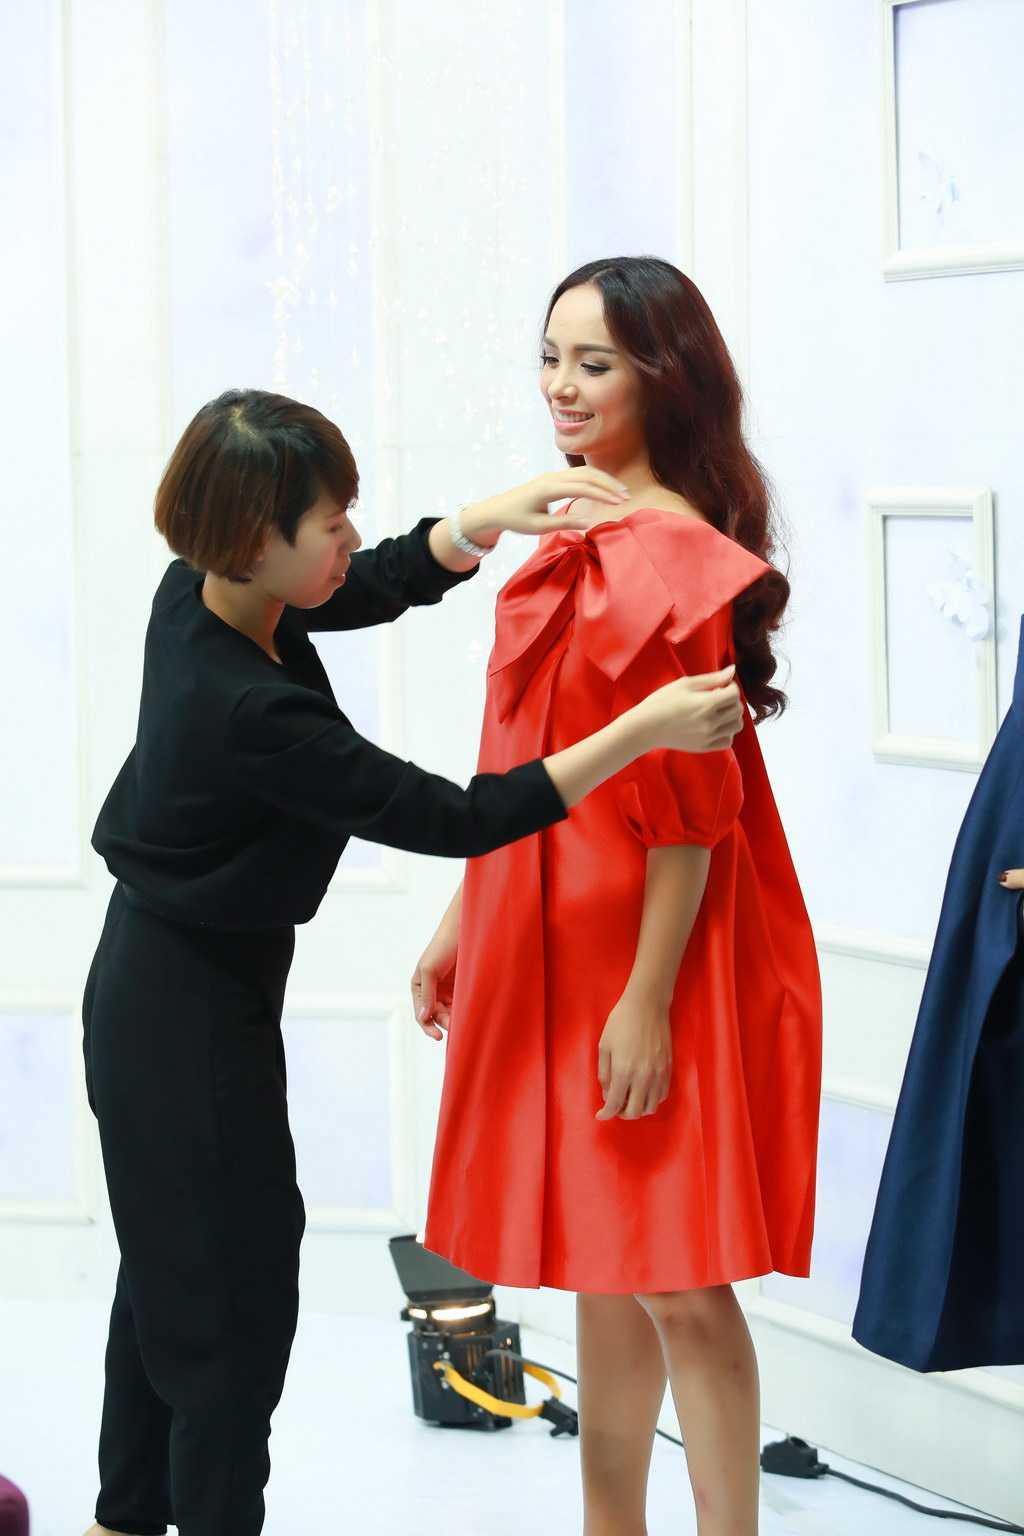 Để kịp giờ ghi hình số 7 cho phiên bản mới của chương trình, 5h sáng hôm qua (24/3), Thuý Hạnh bay từ Sài Gòn ra Hà Nội. Chưa kịp nghỉ ngơi, chị vội vàng make-up, thay đồ để xuất hiện cùng chị gái Thuý Hằng tại trường quay.